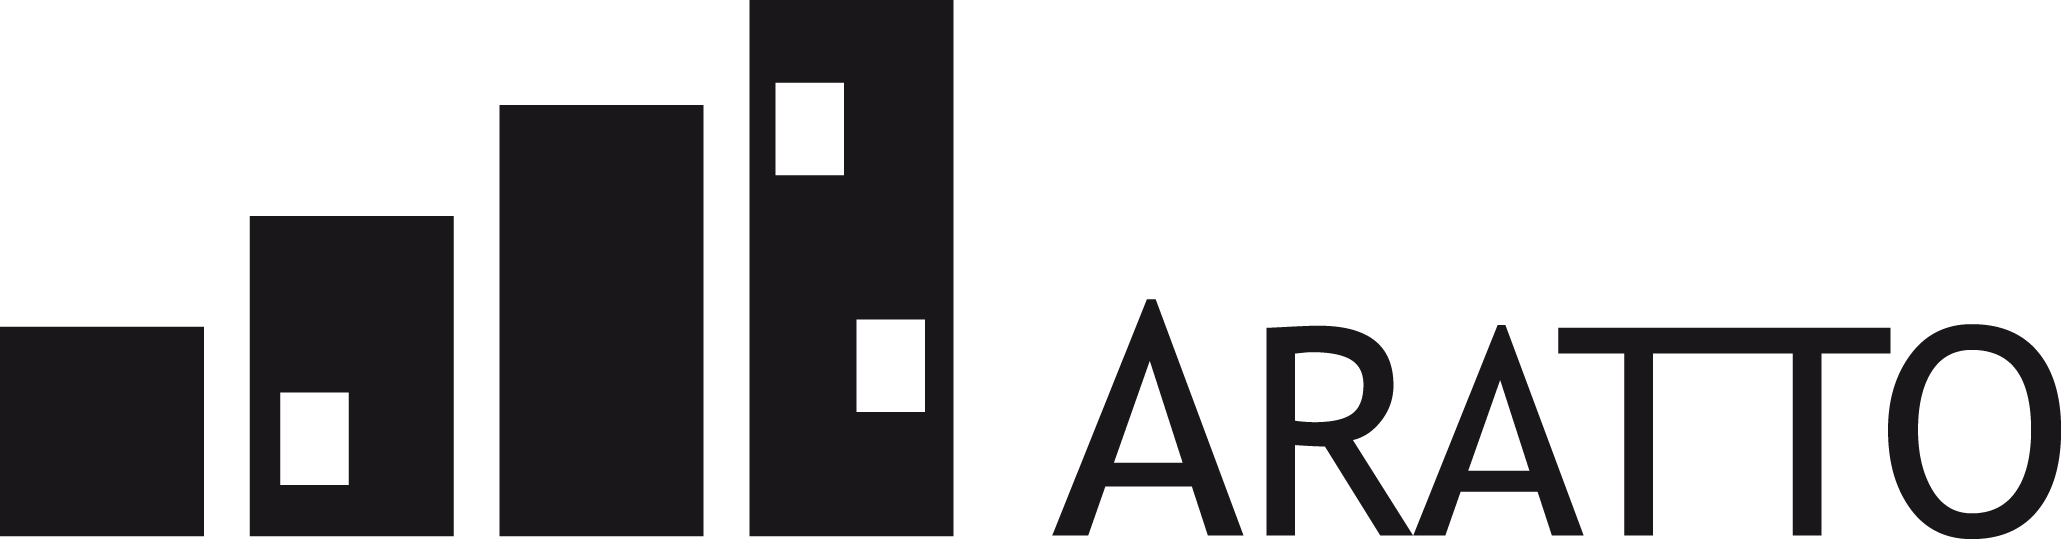 Aratto Oy logo